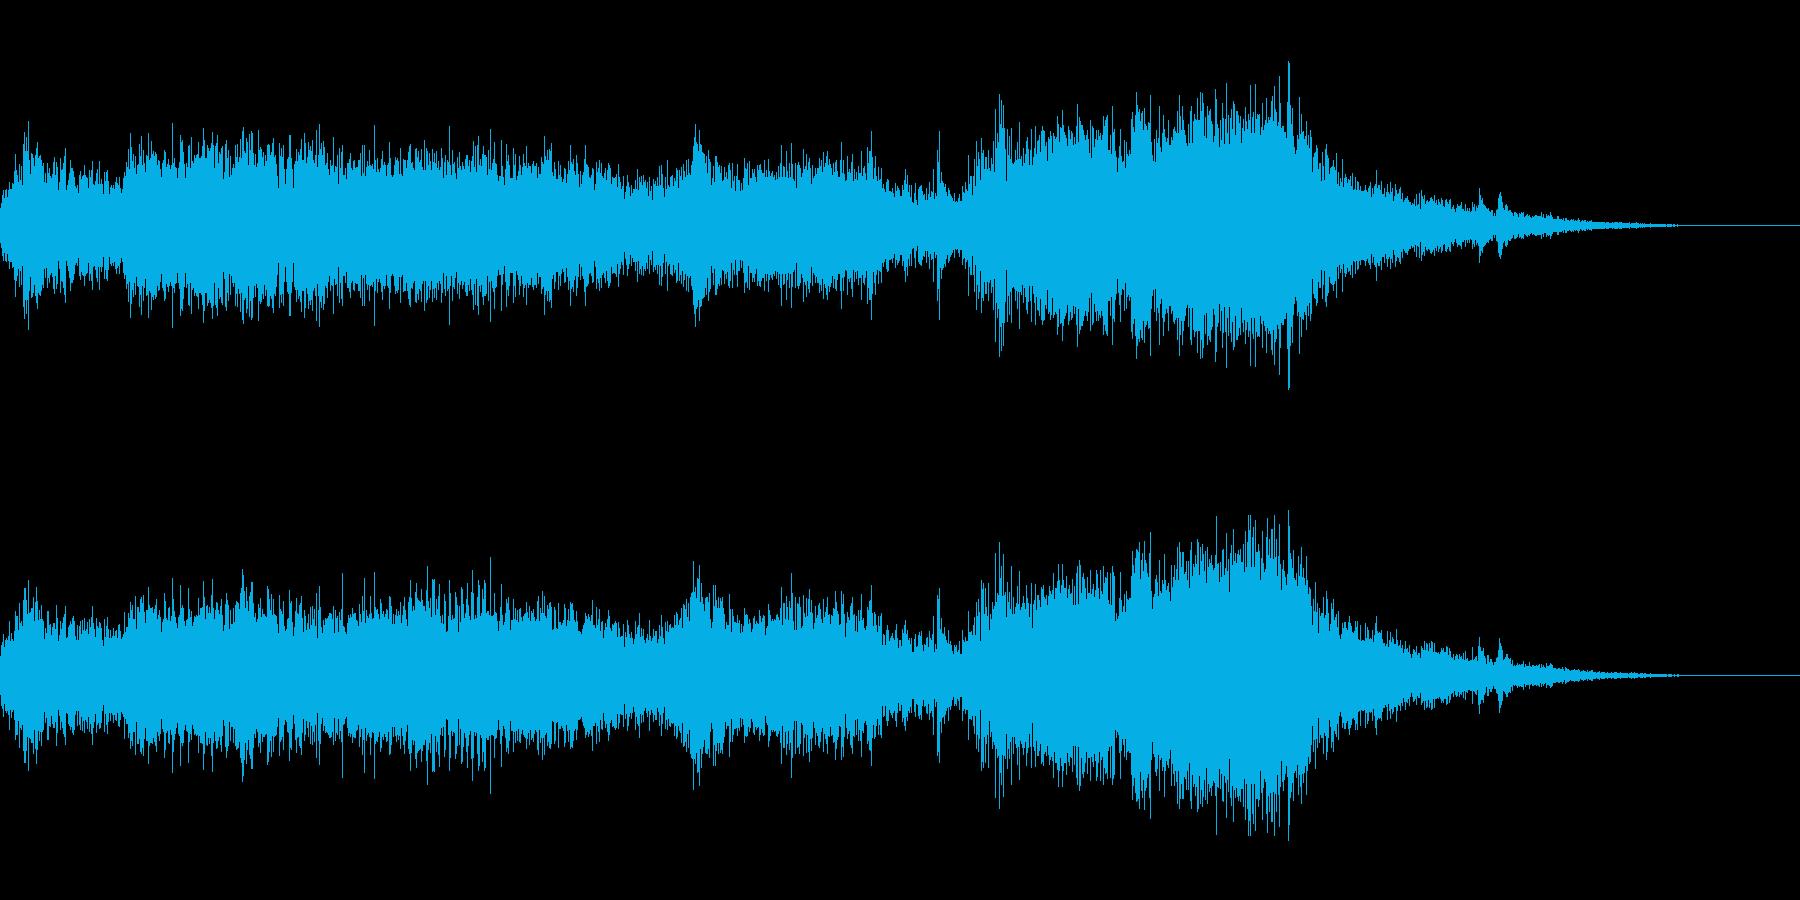 ブウォーーーーーン(エンジン音)の再生済みの波形